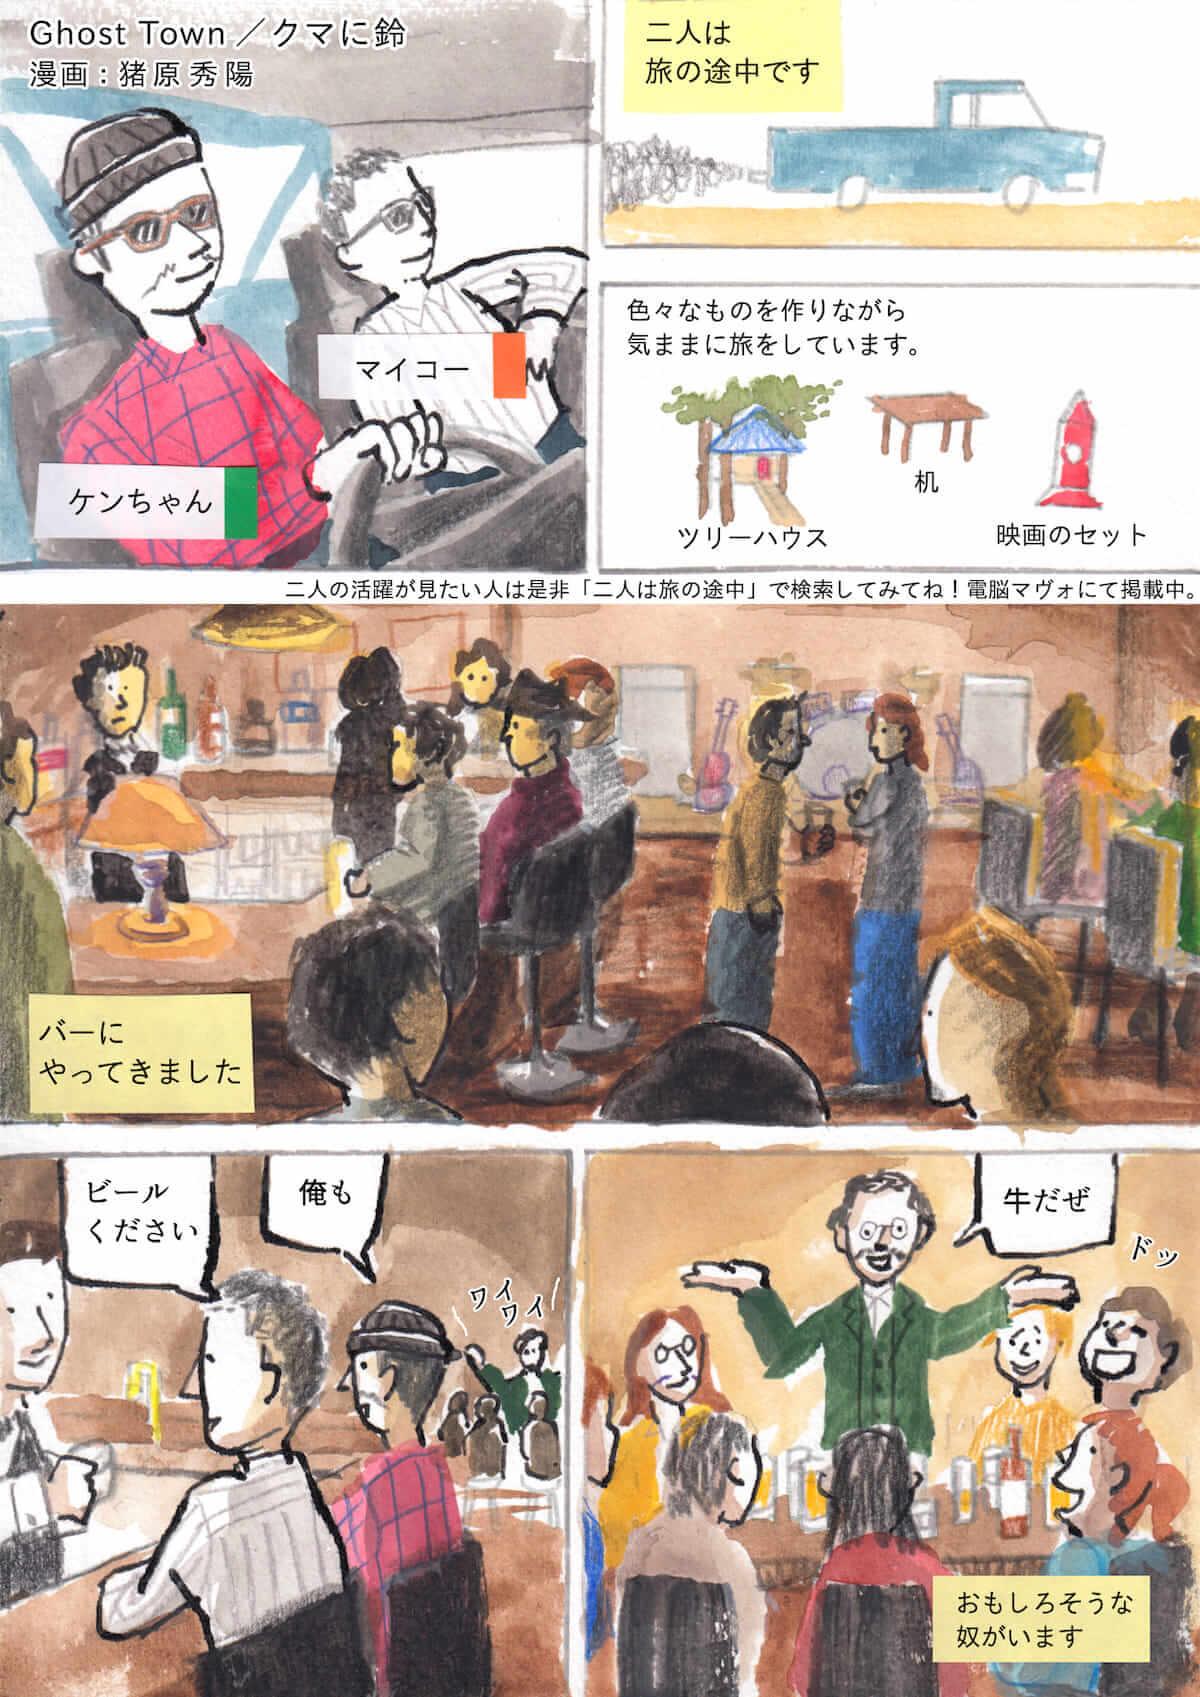 【あのMVを漫画で描く】クマに鈴/Ghost Town ongakuwomangade-6_1-1200x1697